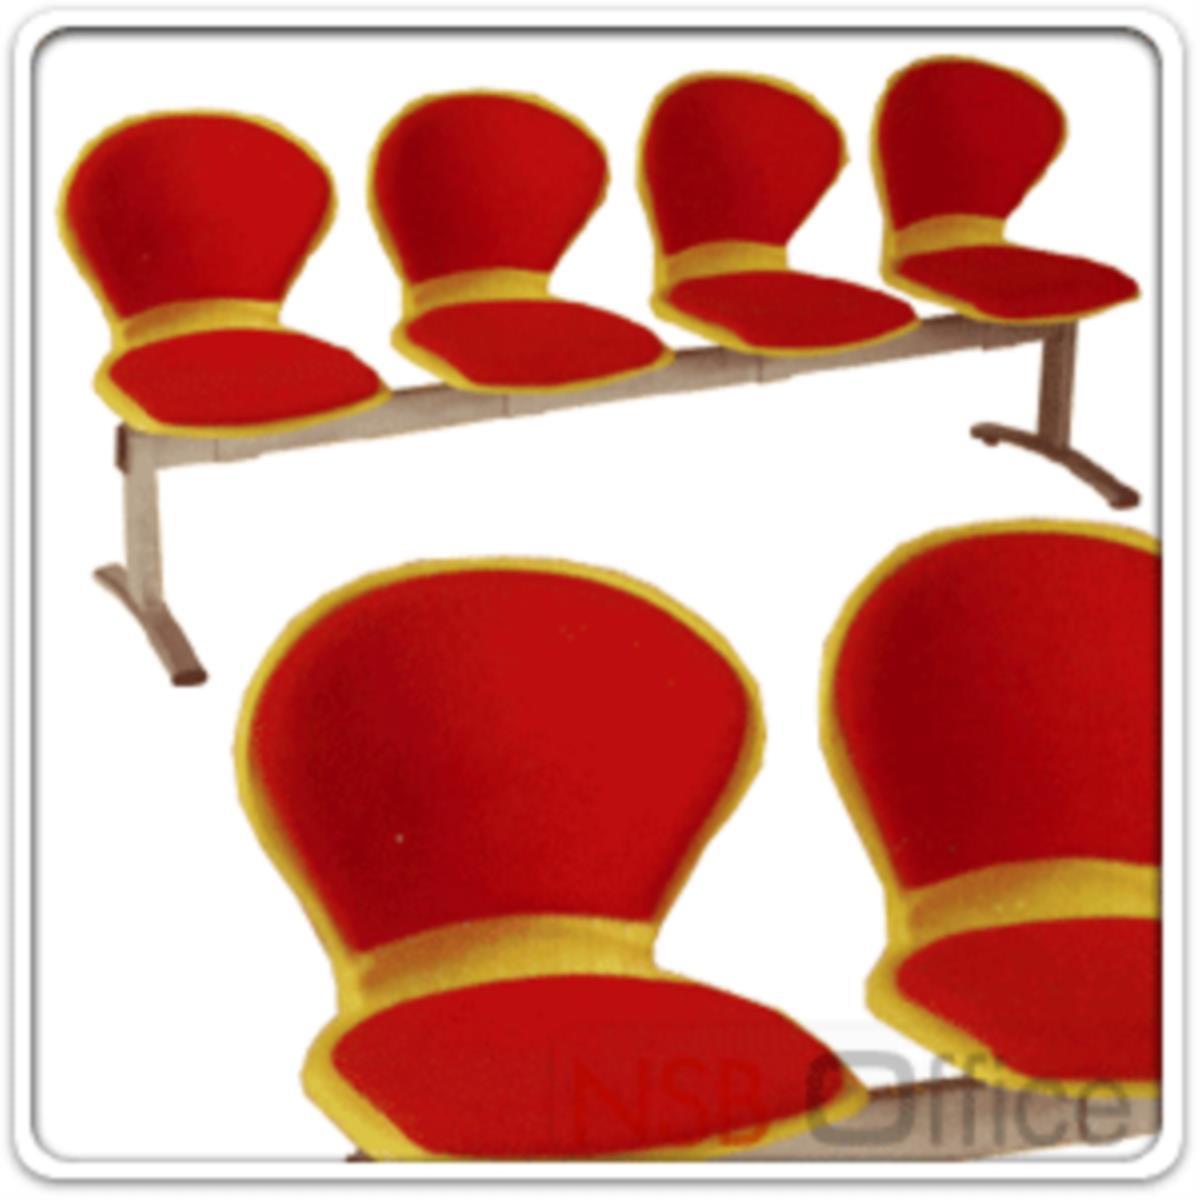 เก้าอี้นั่งคอยเฟรมโพลี่หุ้มเบาะ รุ่น B376 2 ,3 ,4 ที่นั่ง ขนาด 98W ,152.5W ,207W cm. ขาเหล็ก